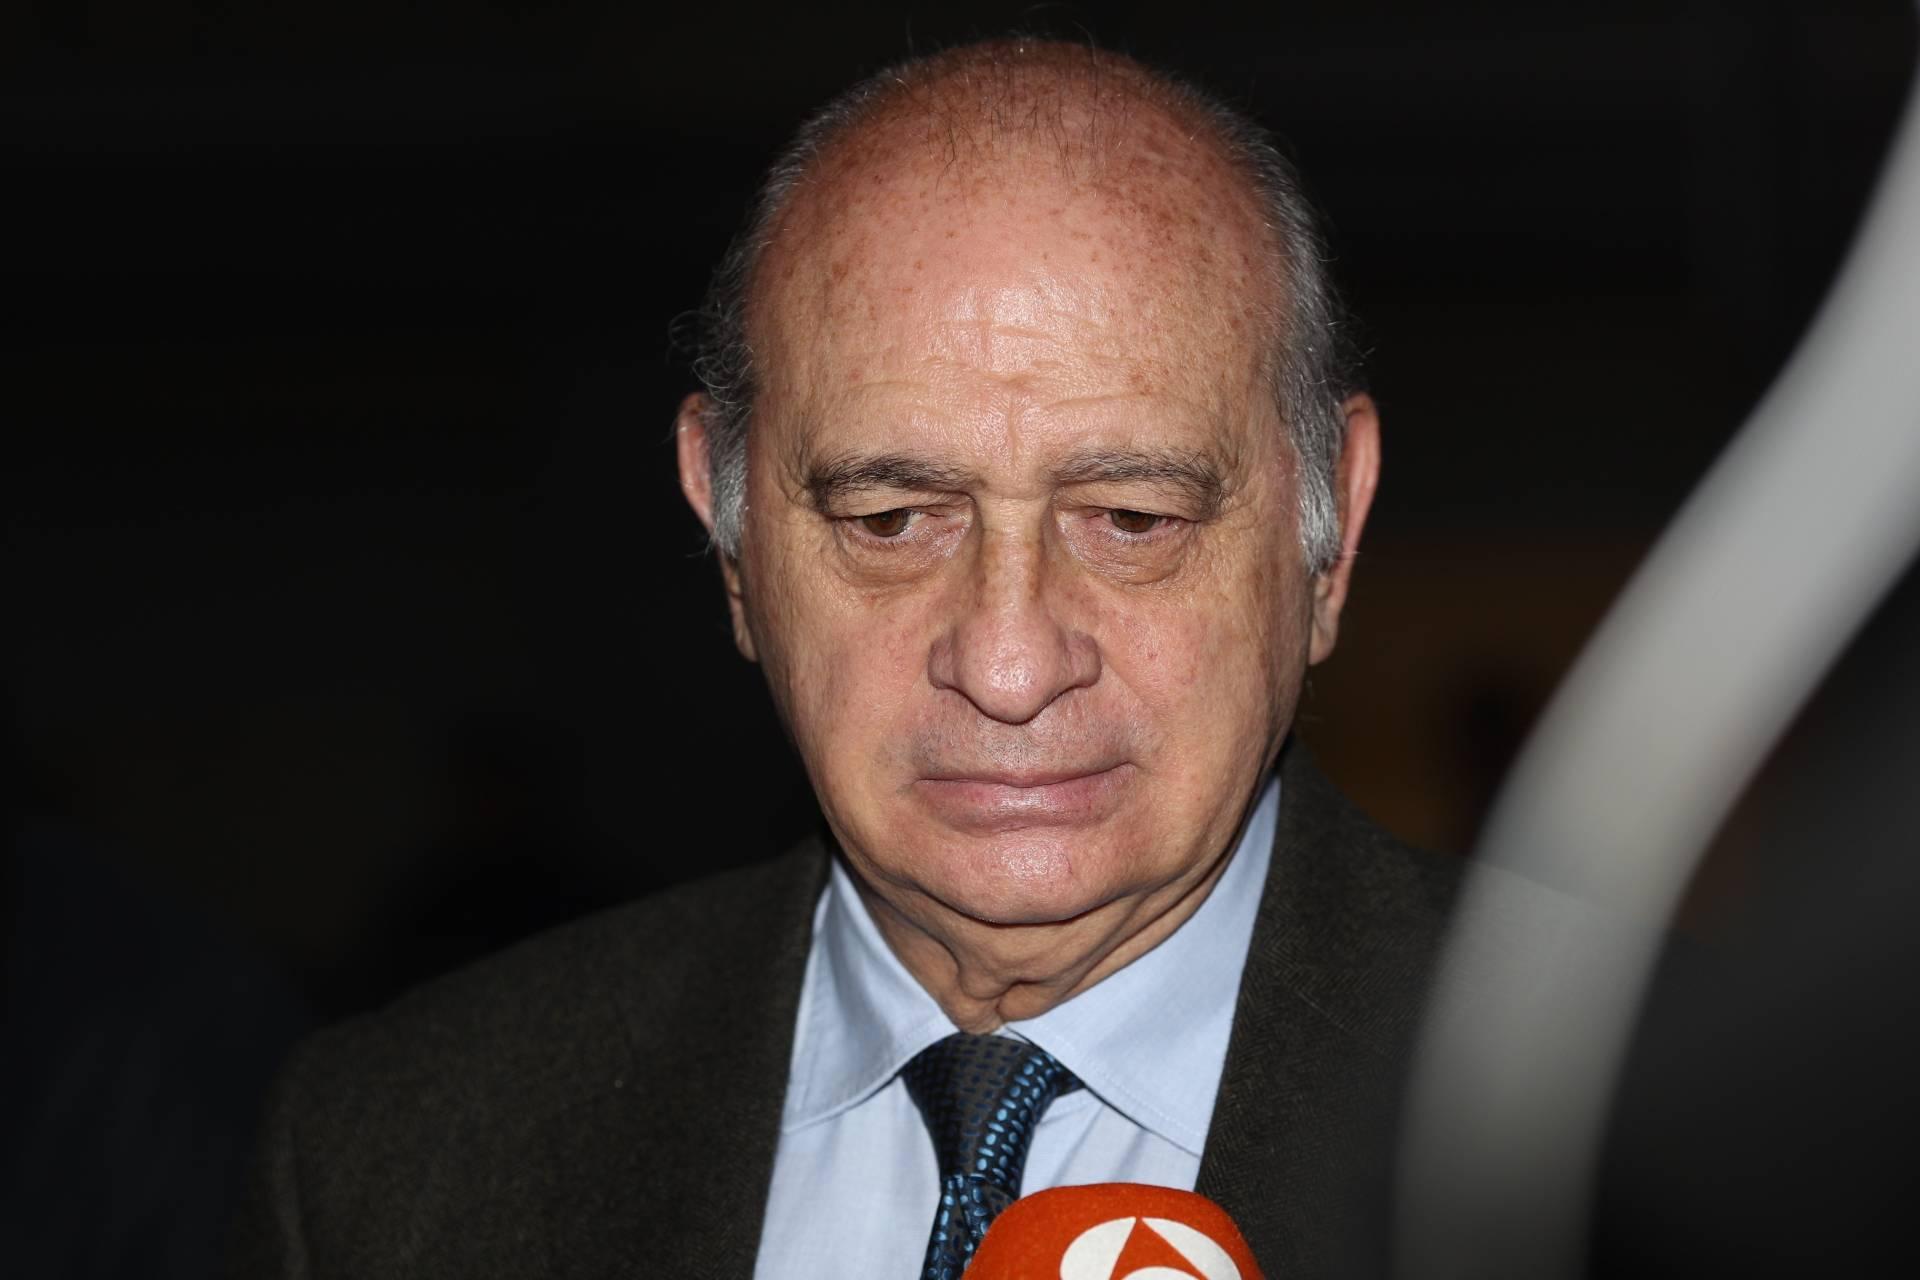 Ingresado por un infarto el ex ministro de interior jorge for El ministro de interior